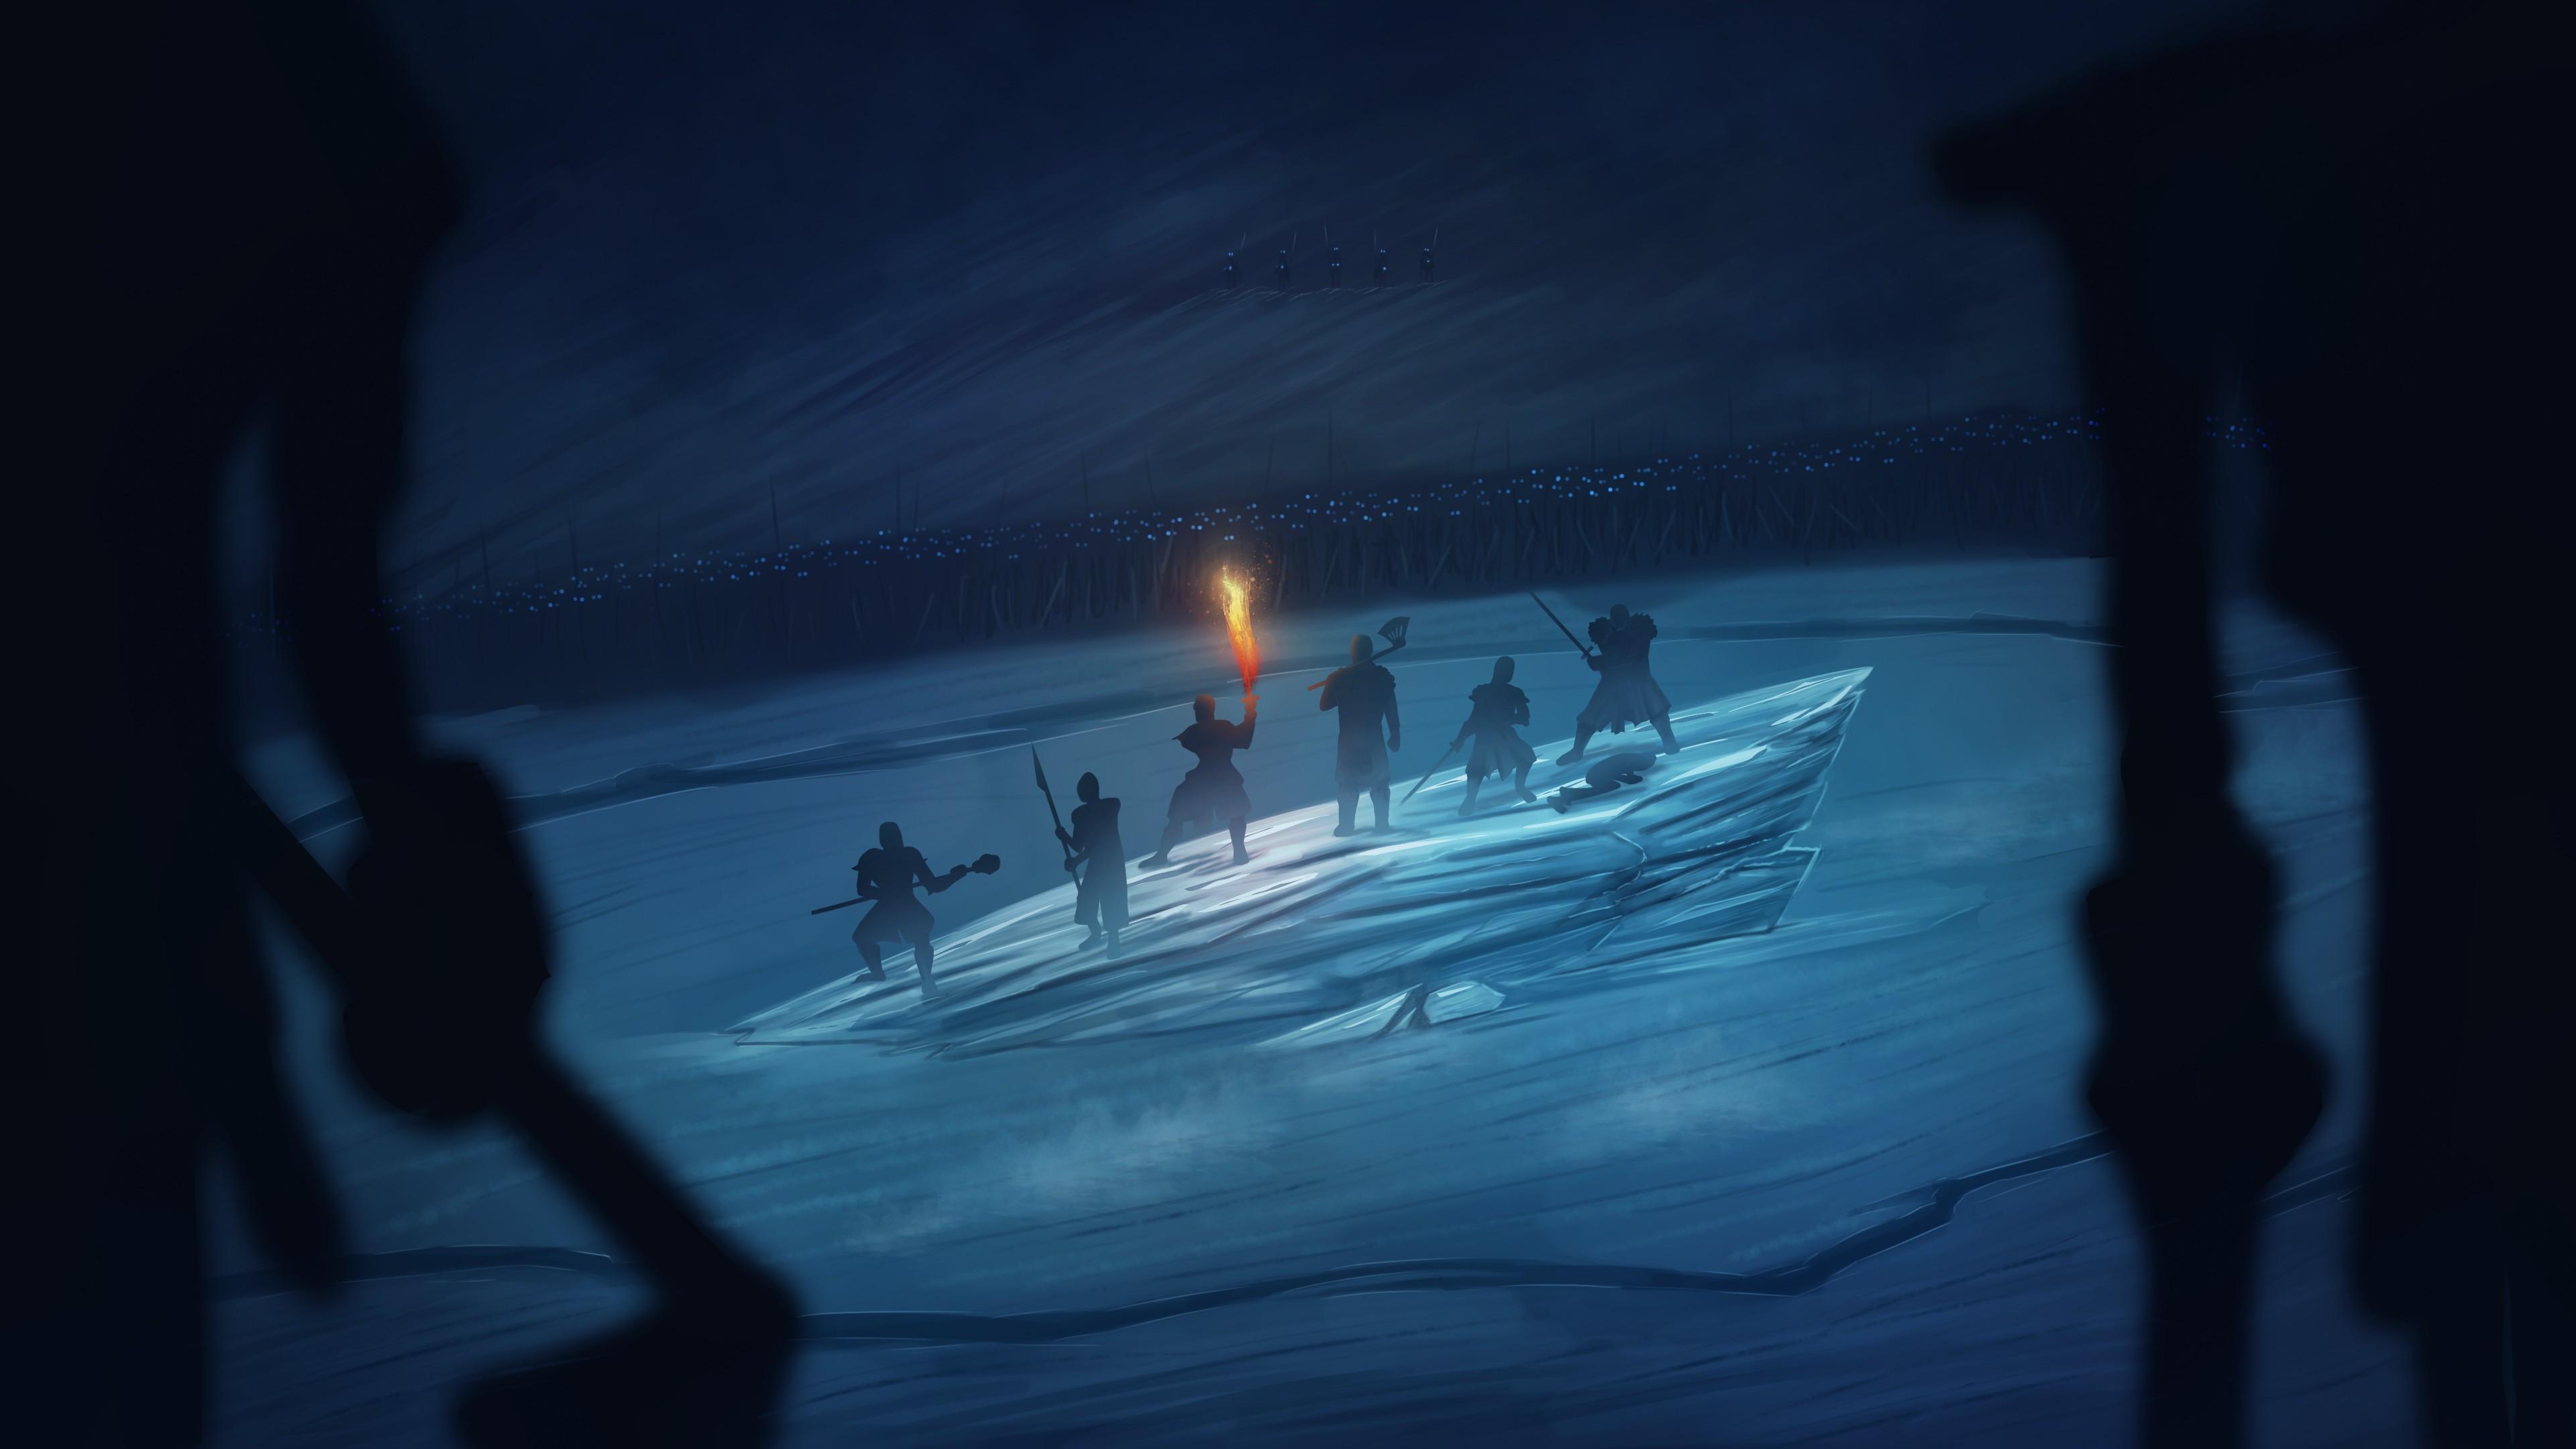 Воины на дрейфующей льдине в темноте